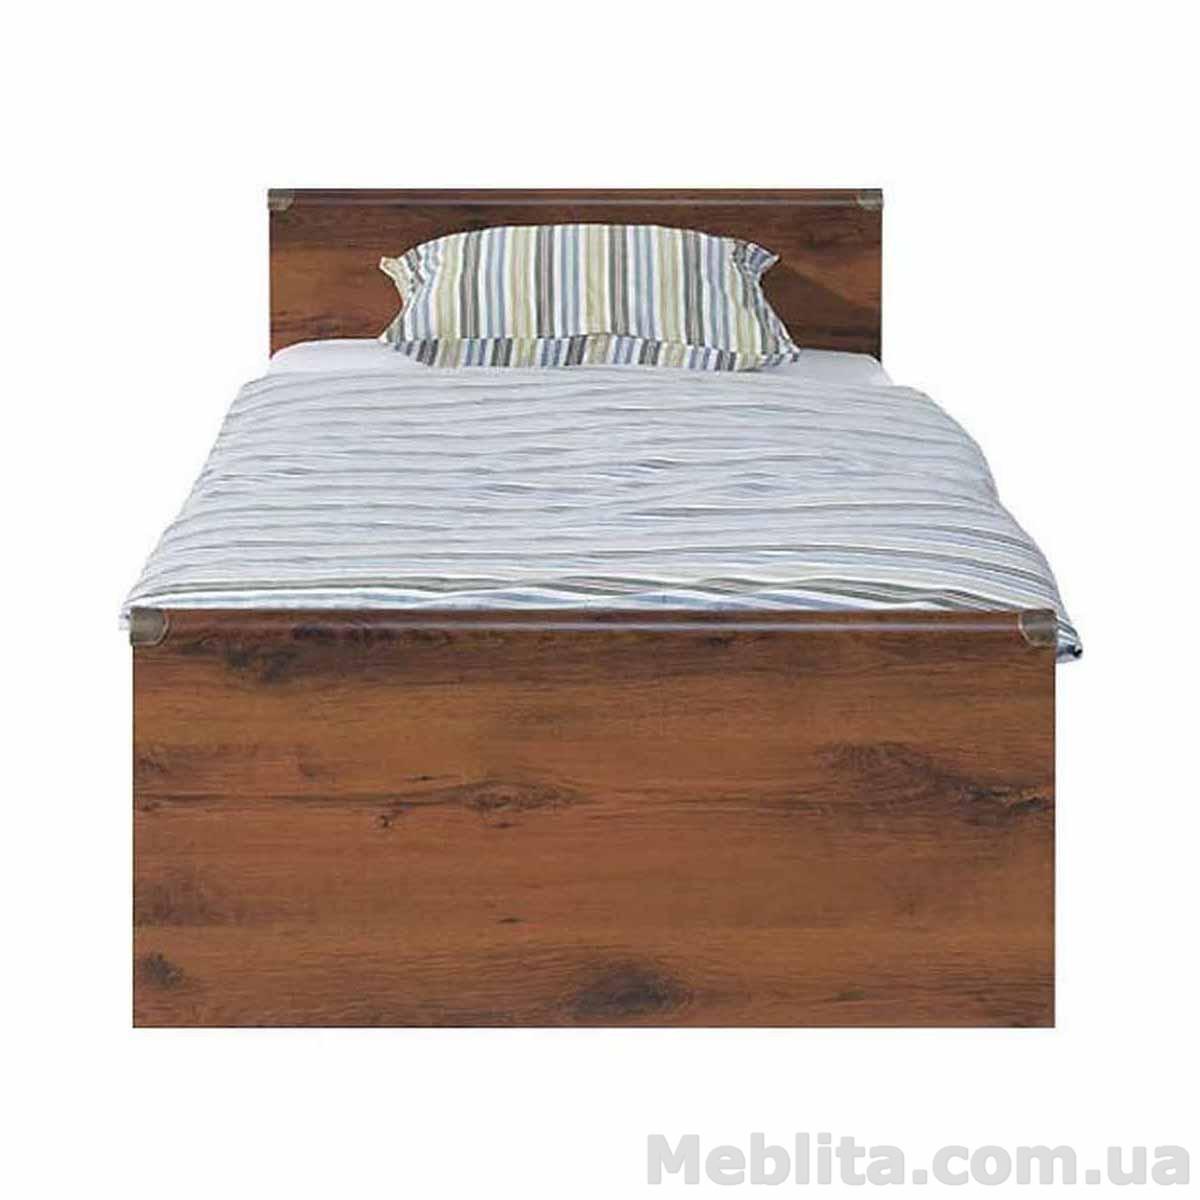 ИНДИАНА(л) Кровать JLOZ90 (Каркас)